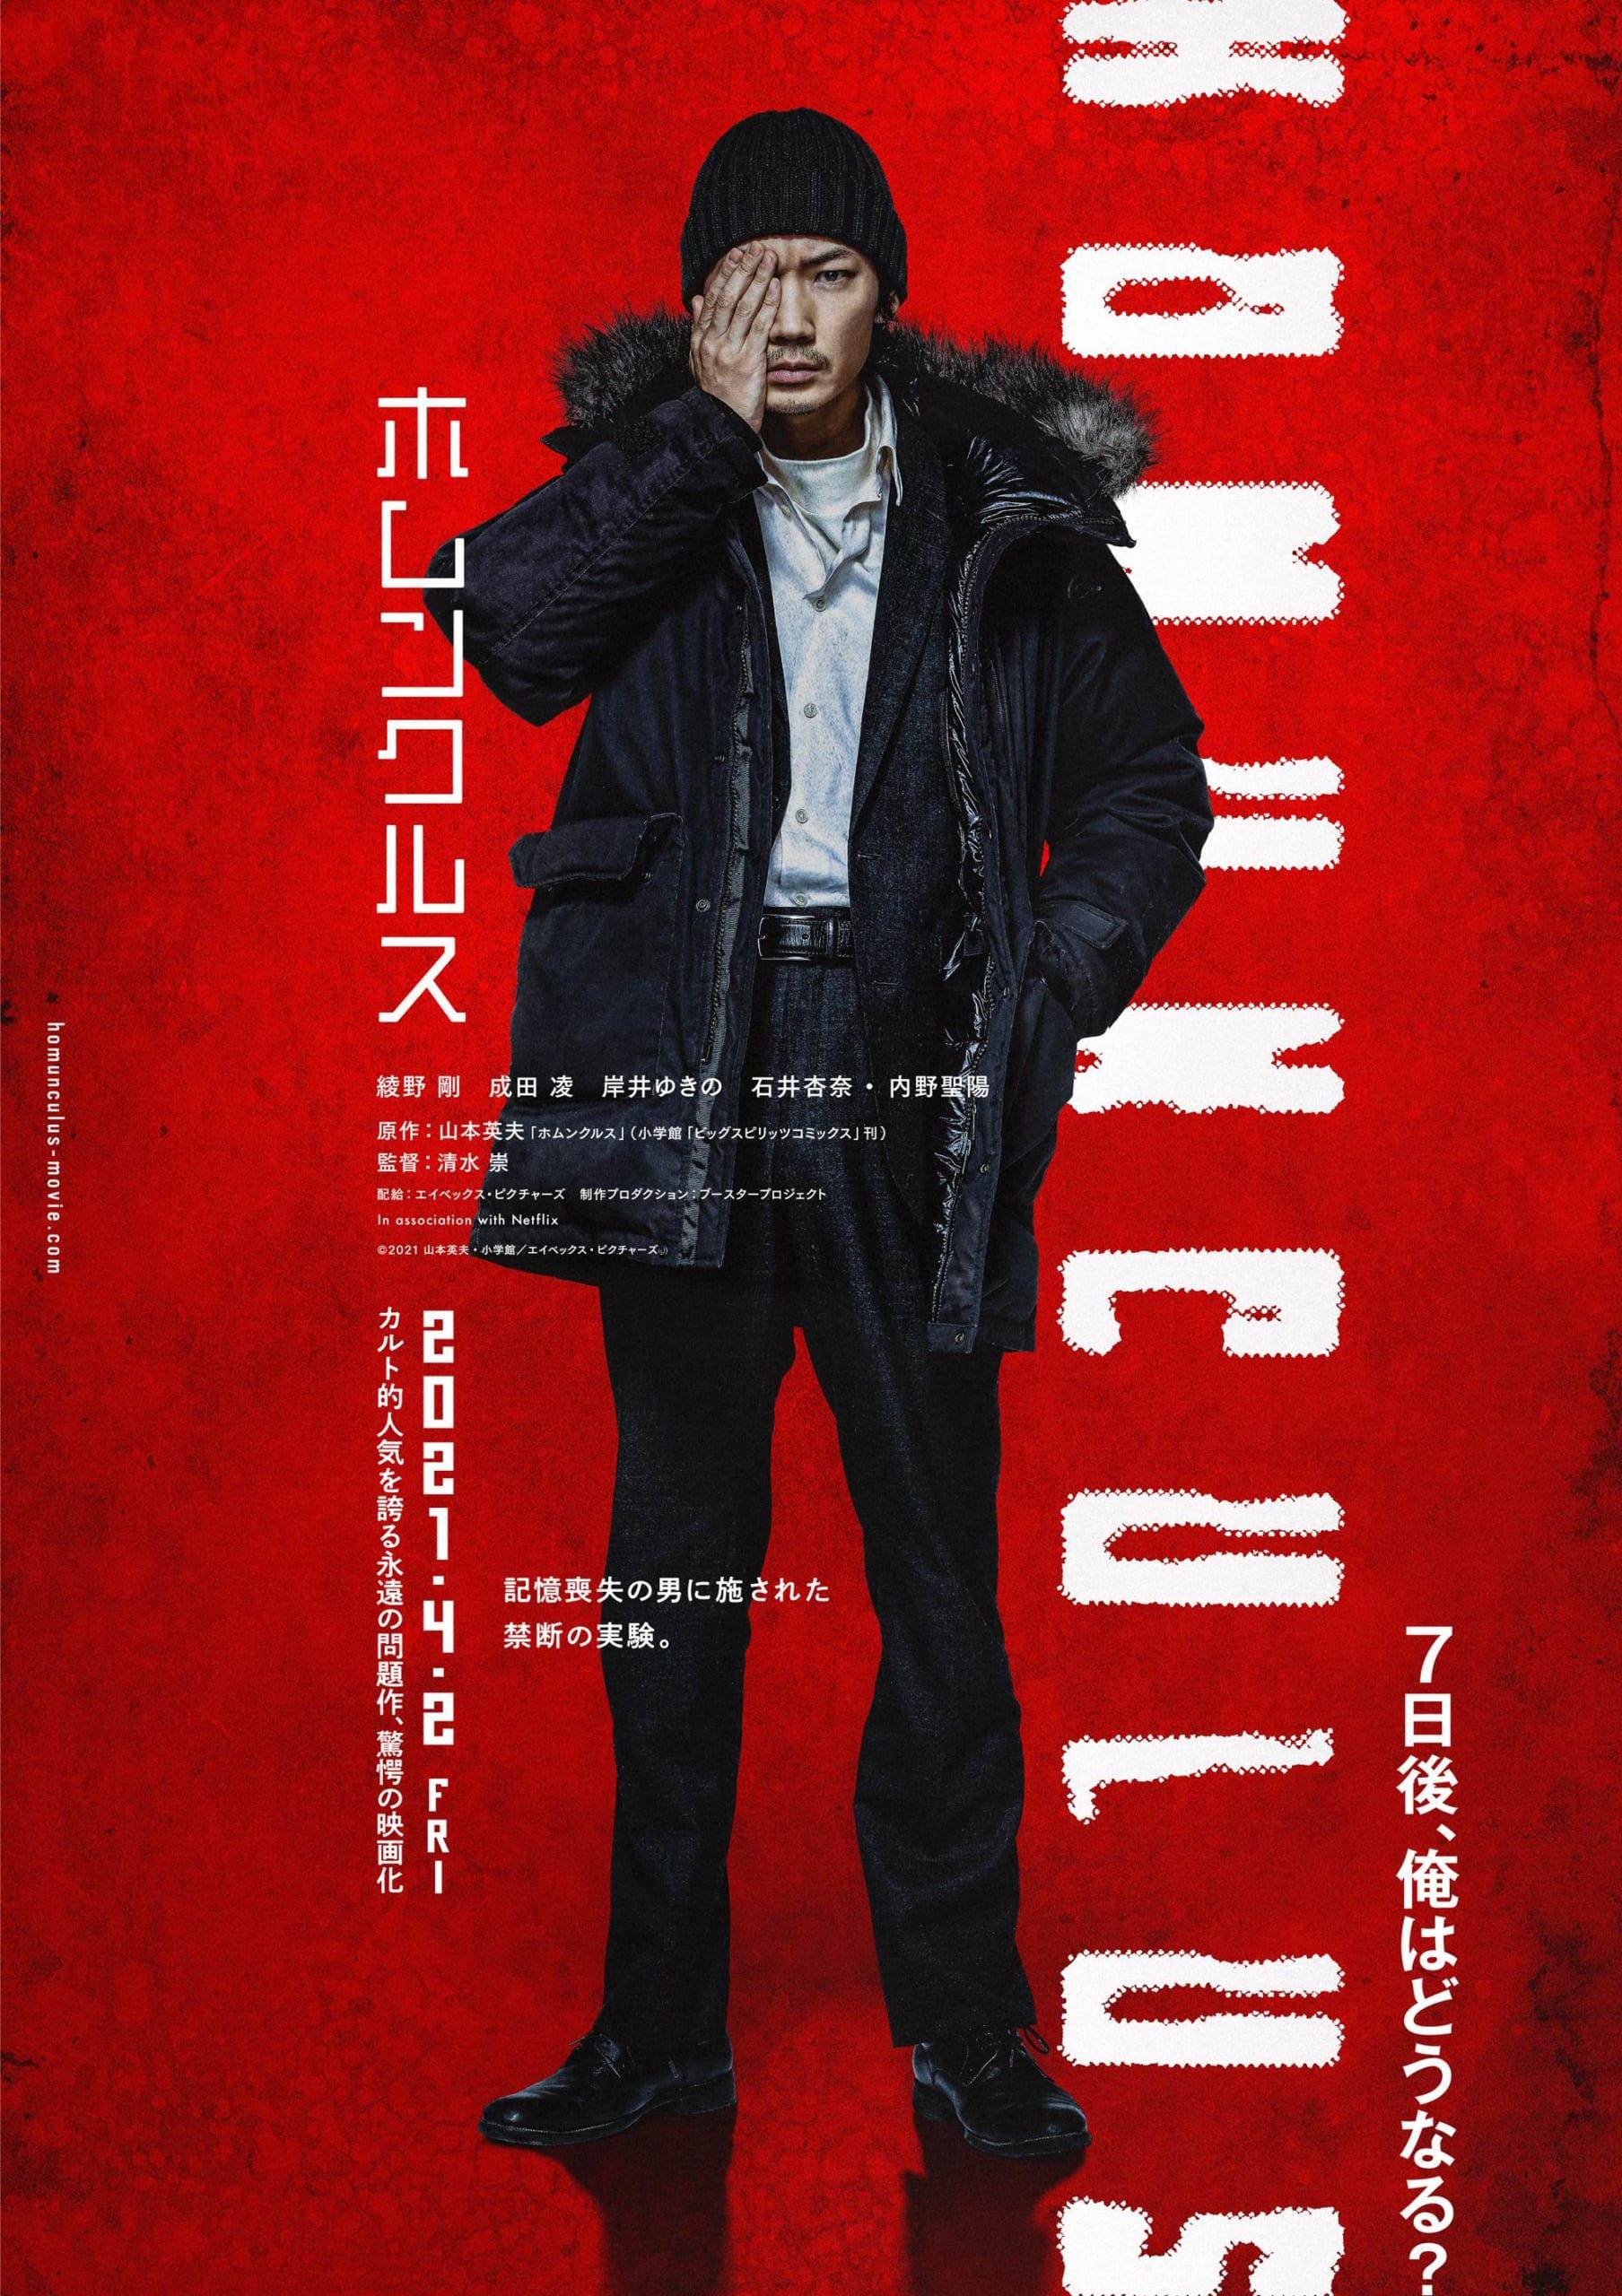 実写映画「ホムンクルス」伝説的カルト作品の特報映像解禁&成田凌さんらメインキャスト公開